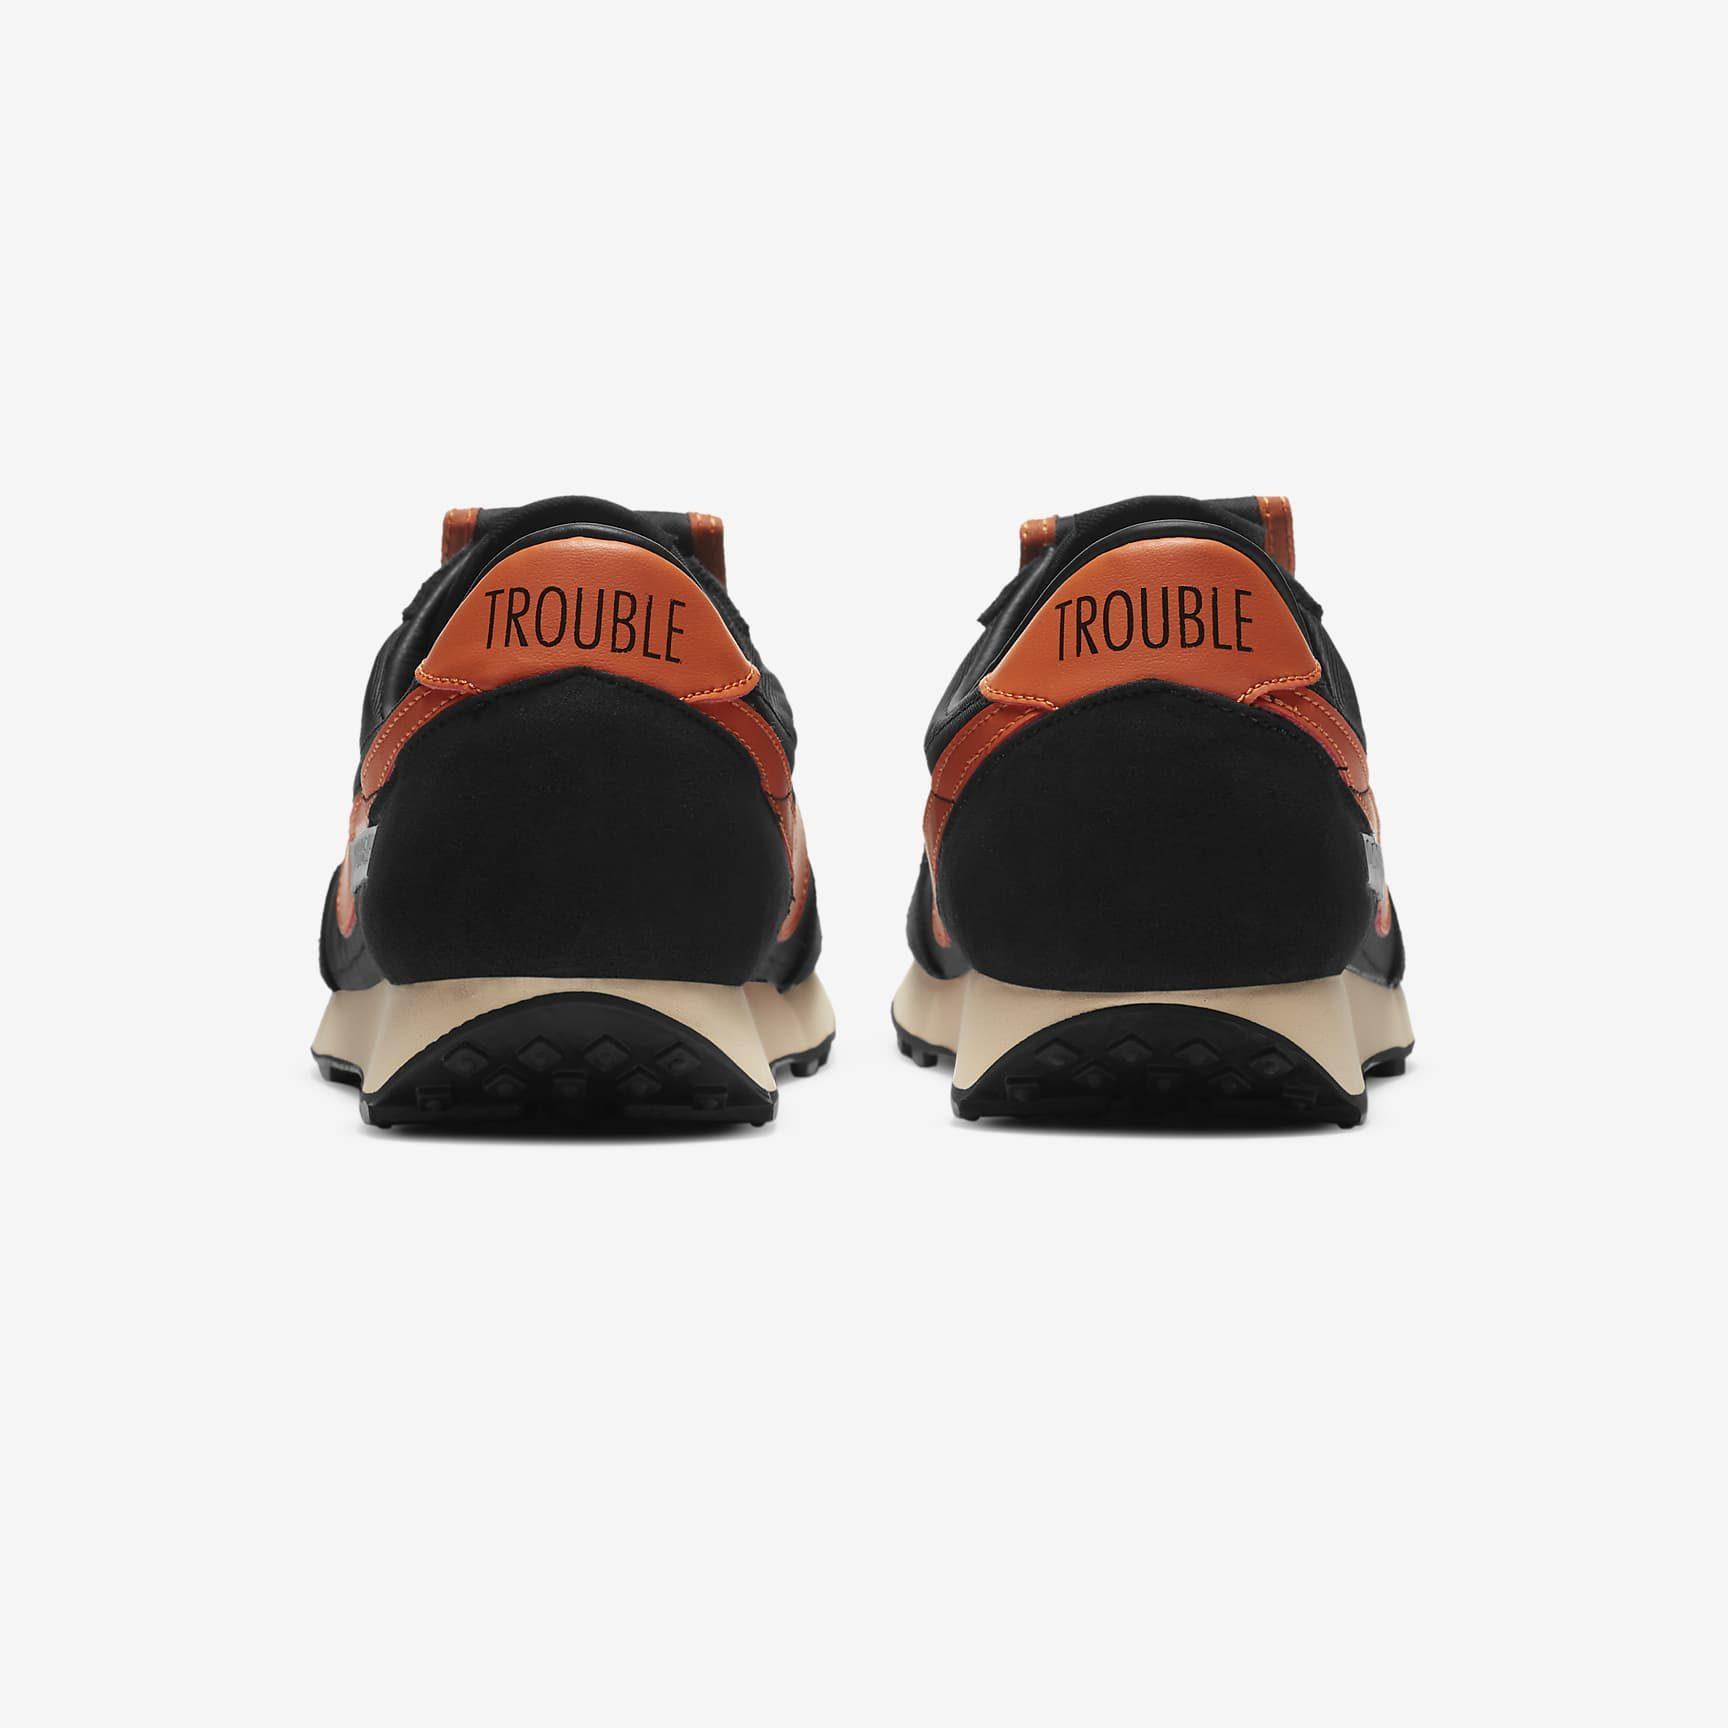 ナイキ-デイブレイク-ウィメンズシューズ Nike Label Maker Pack WMNS Daybreak DC5206-010-heel